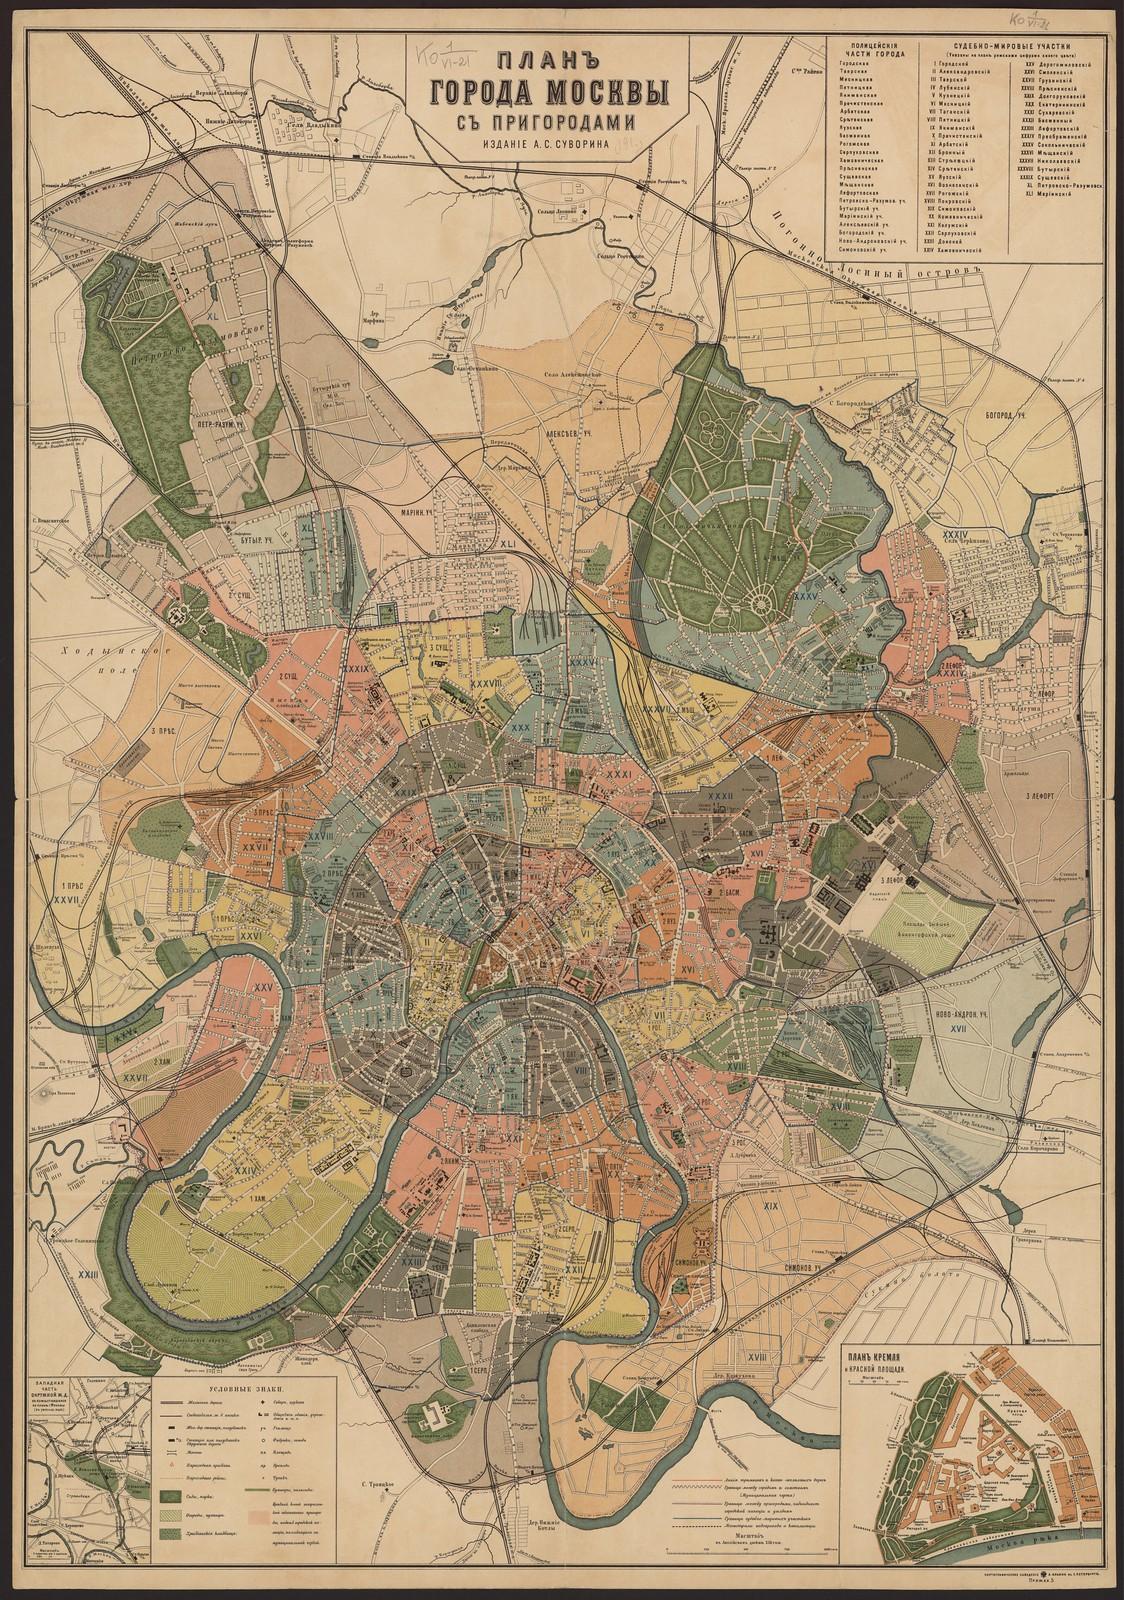 1911. План города Москвы с пригородами